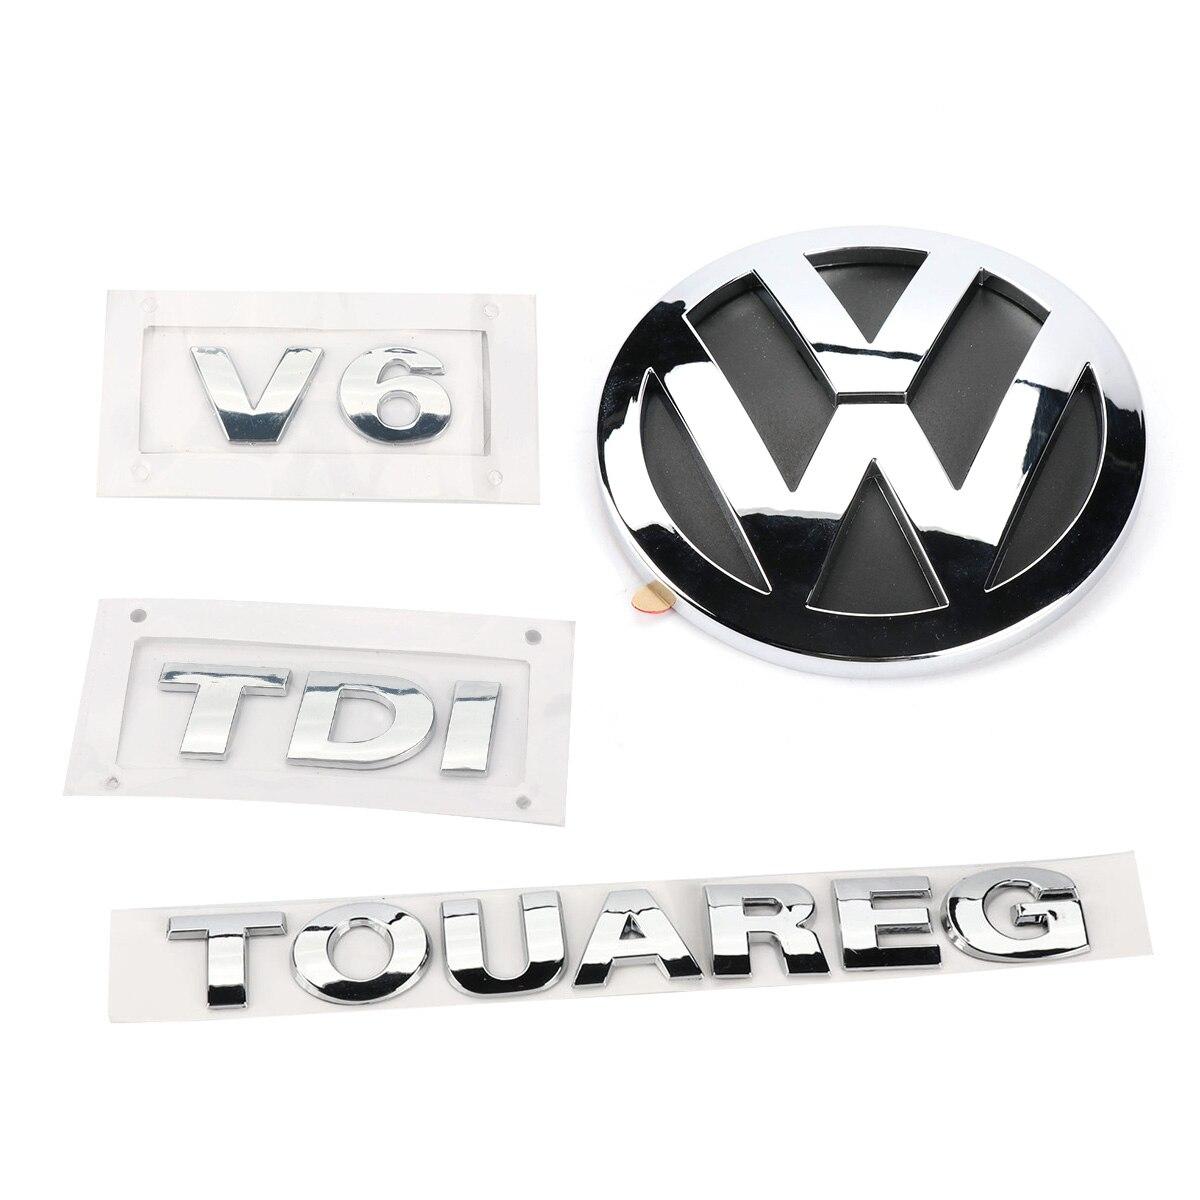 1 PC Voiture Insigne logo de type Nom du modèle Arrière Noir PVC 1 A-Qualy